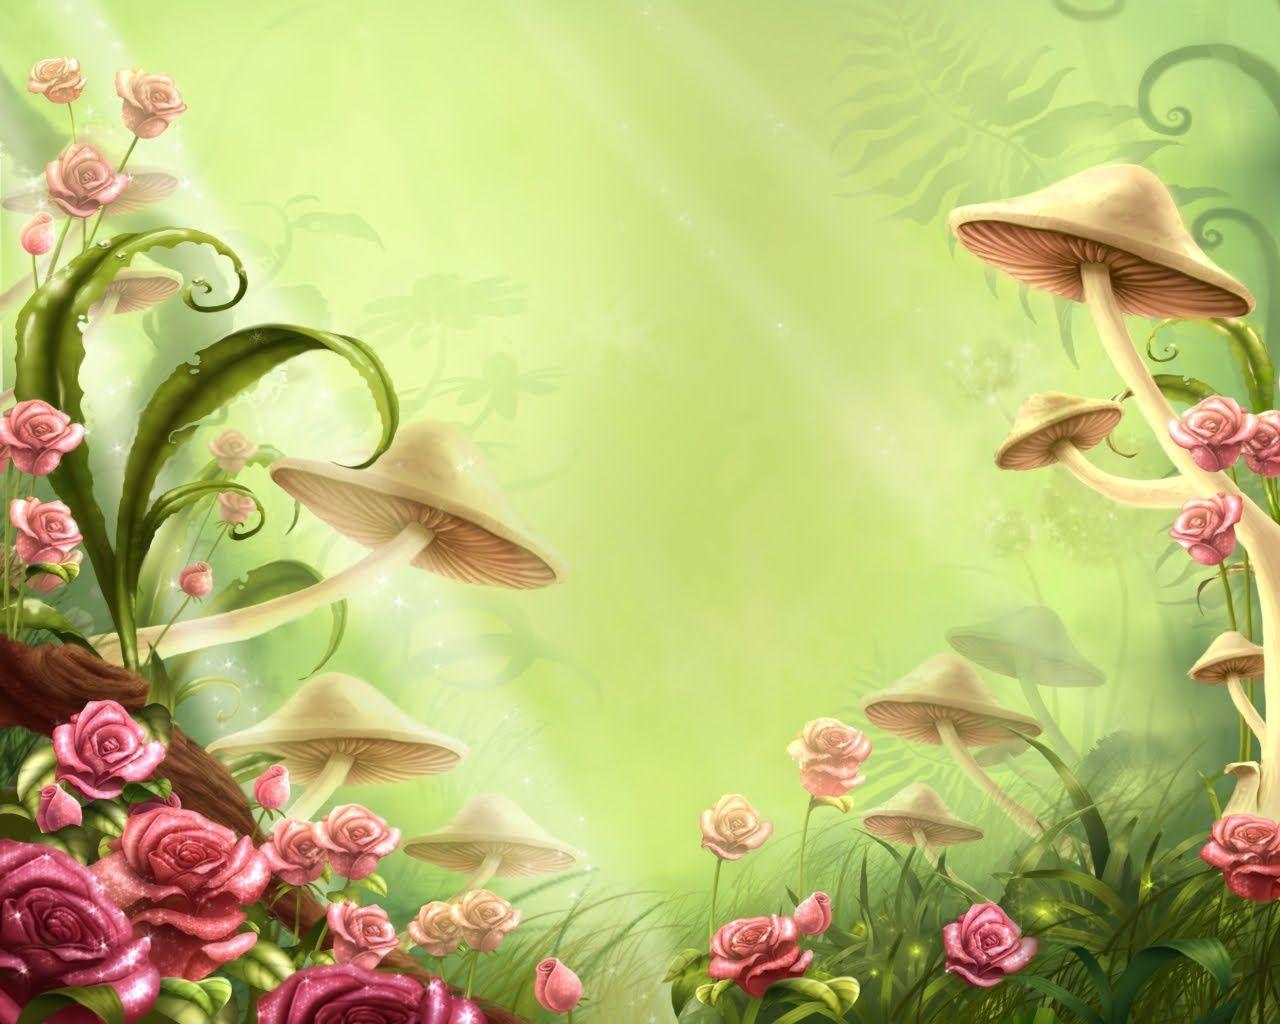 Rosas Wallpapers Imagenes Fondos De Pantalla Escritorio